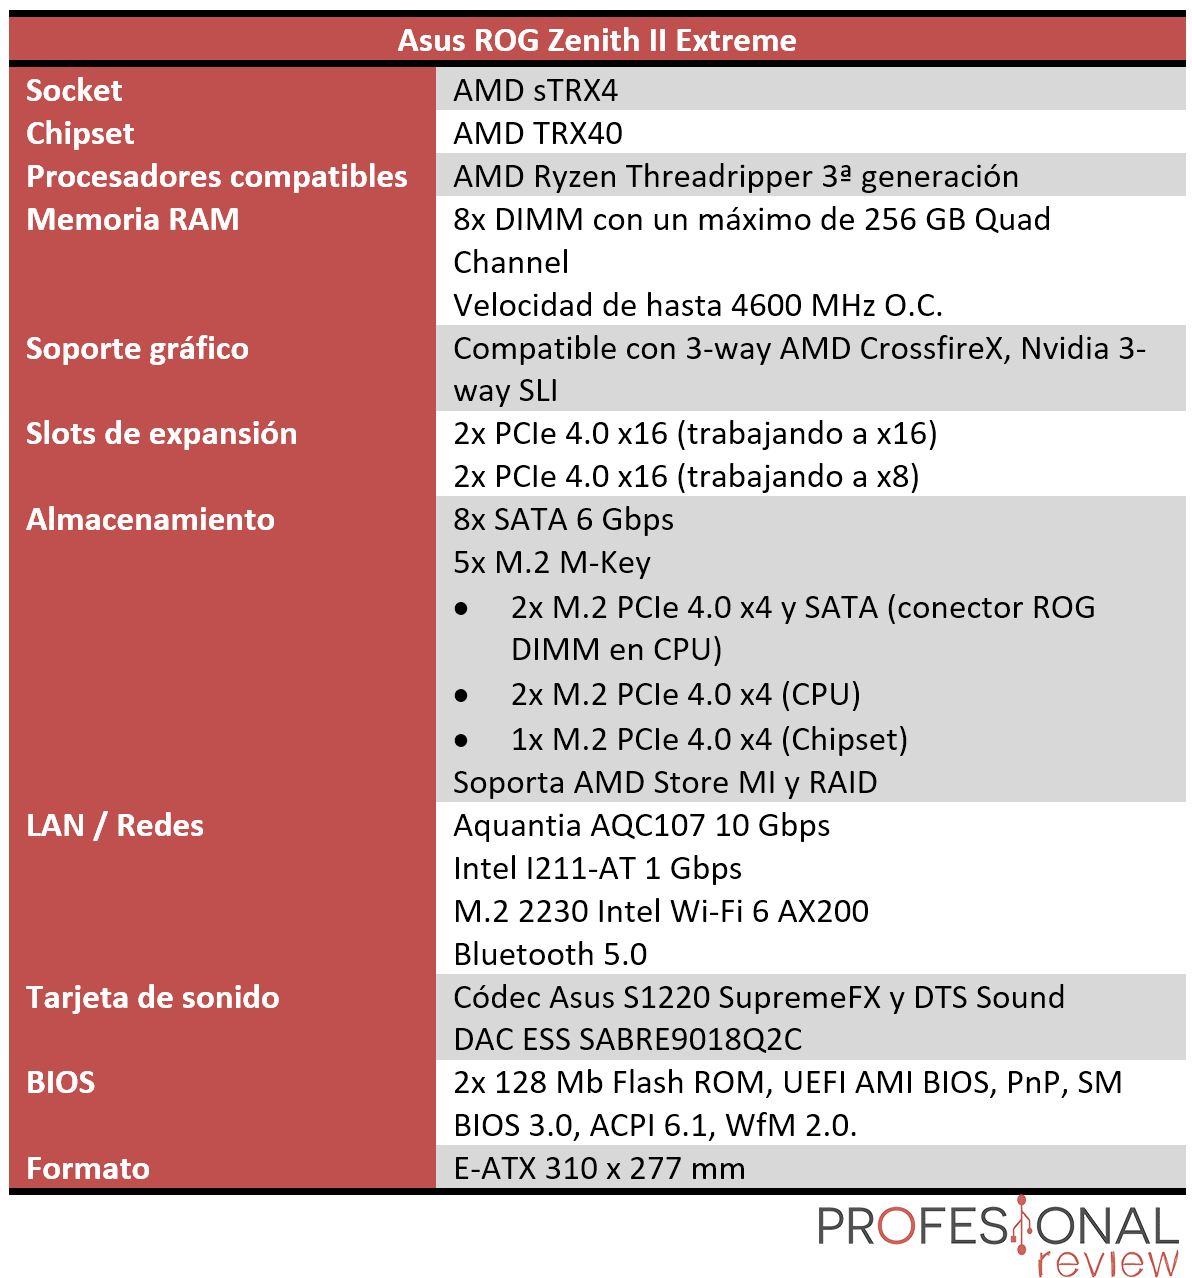 Asus ROG Zenith II Extreme Características